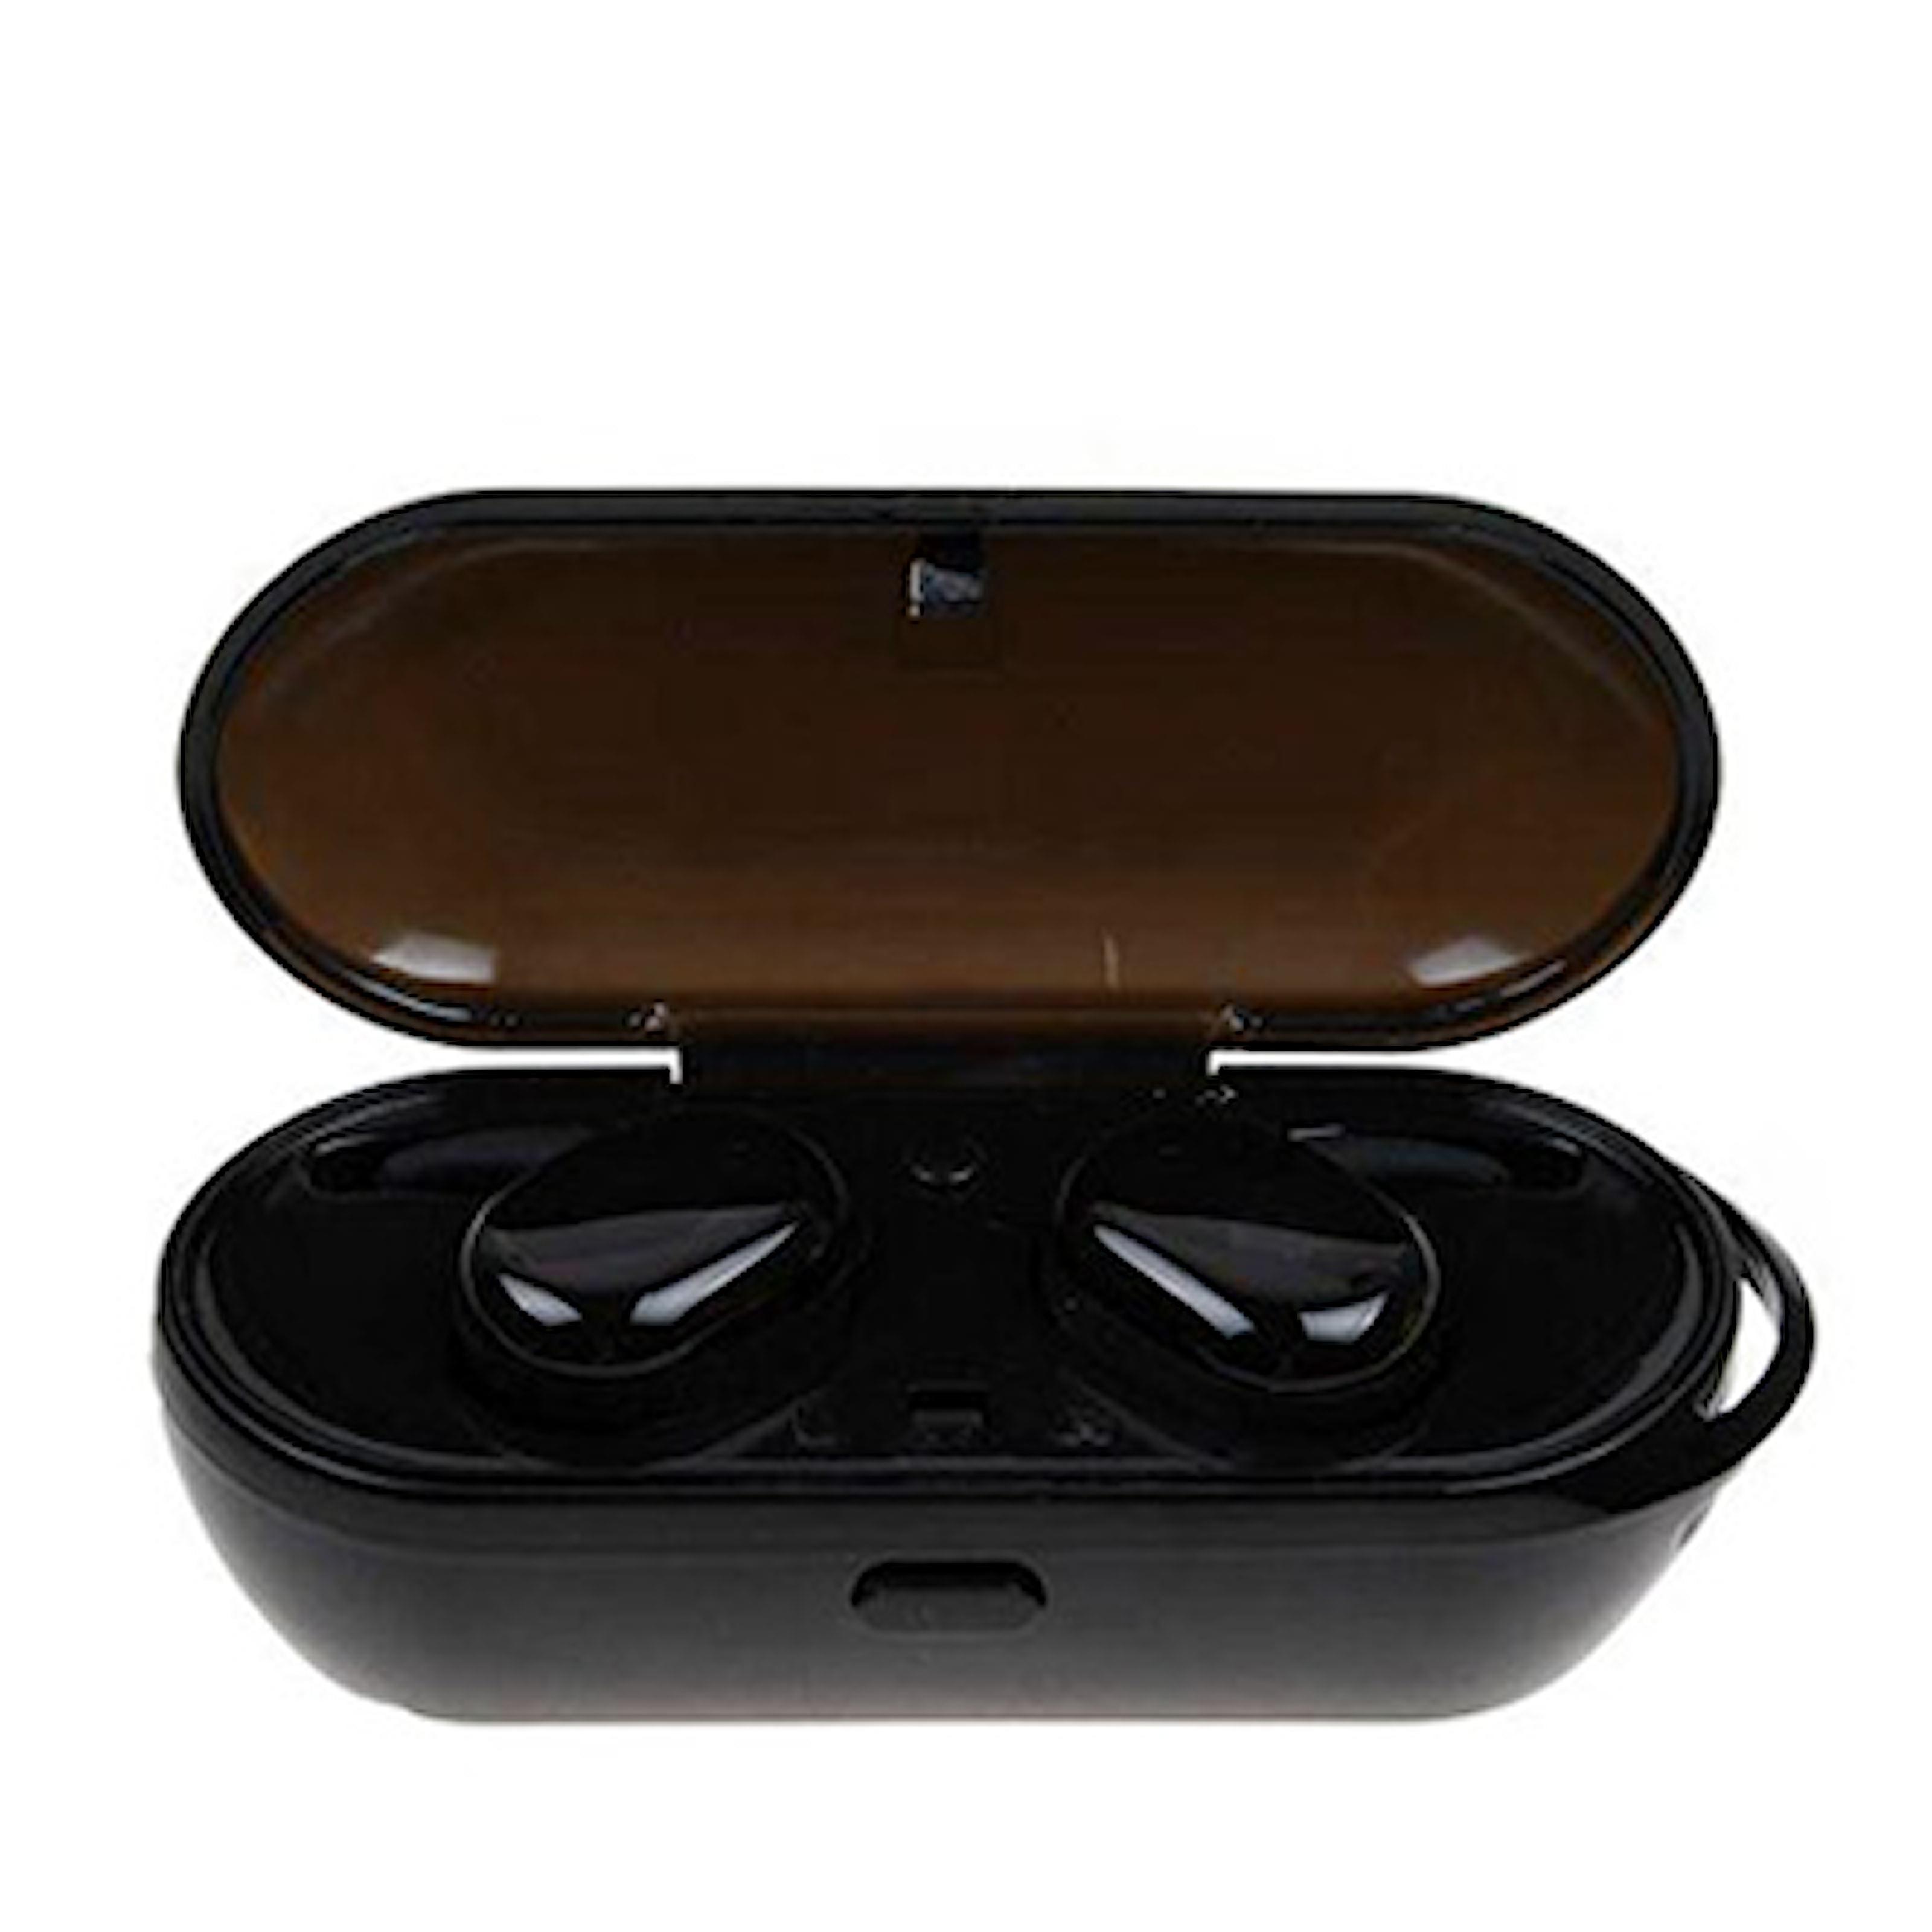 Svart, T2C TWS Wireless Mini Bluetooth Earphone, T2C TWS trådlösa hörlurar, ,